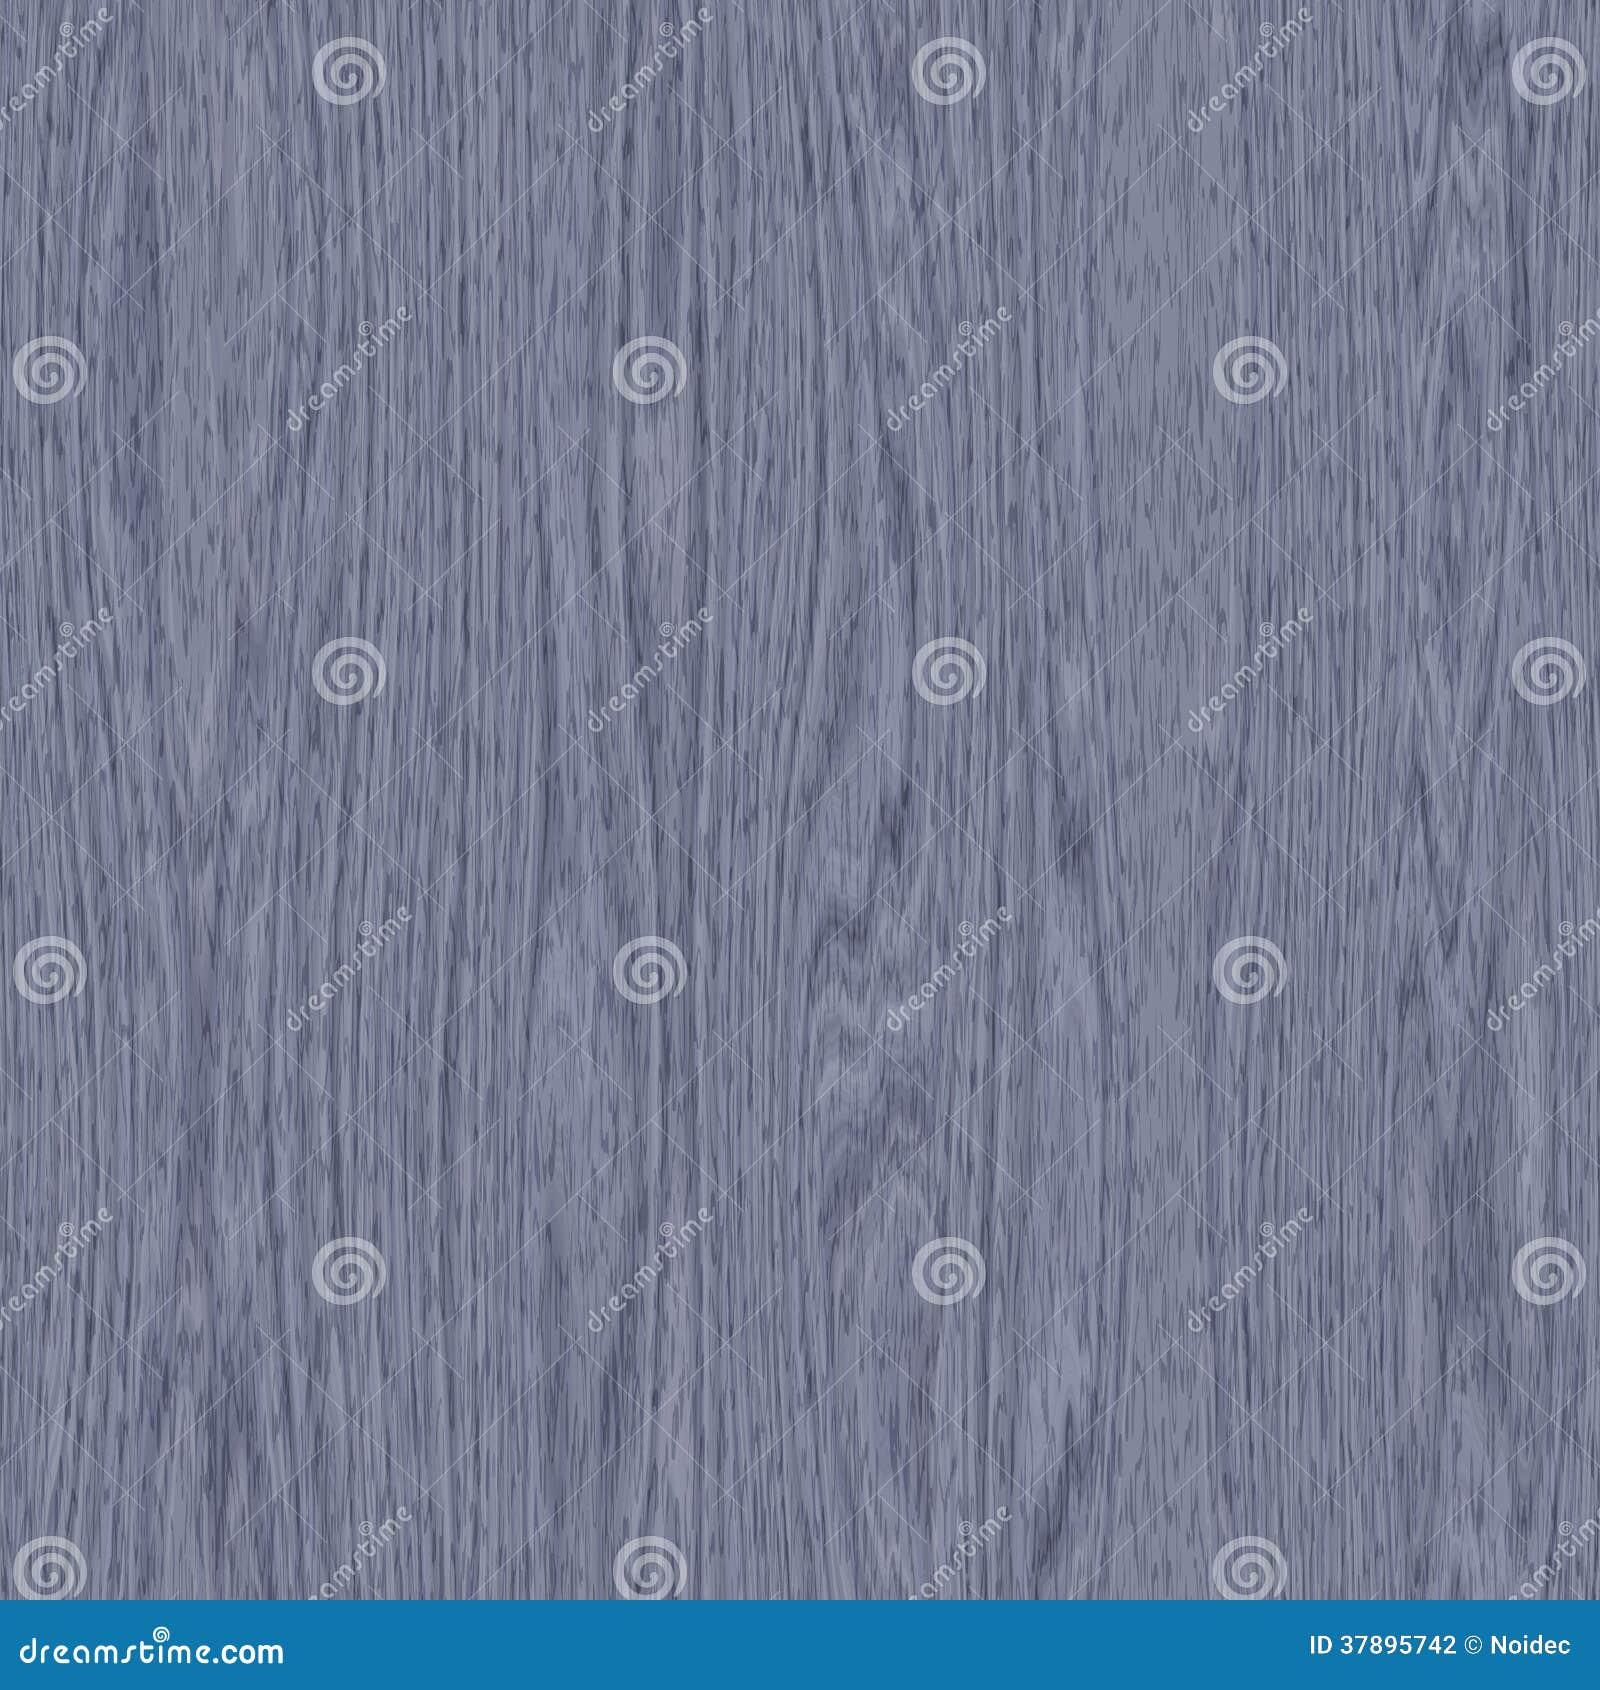 Drewniany bezszwowy tekstury tło.